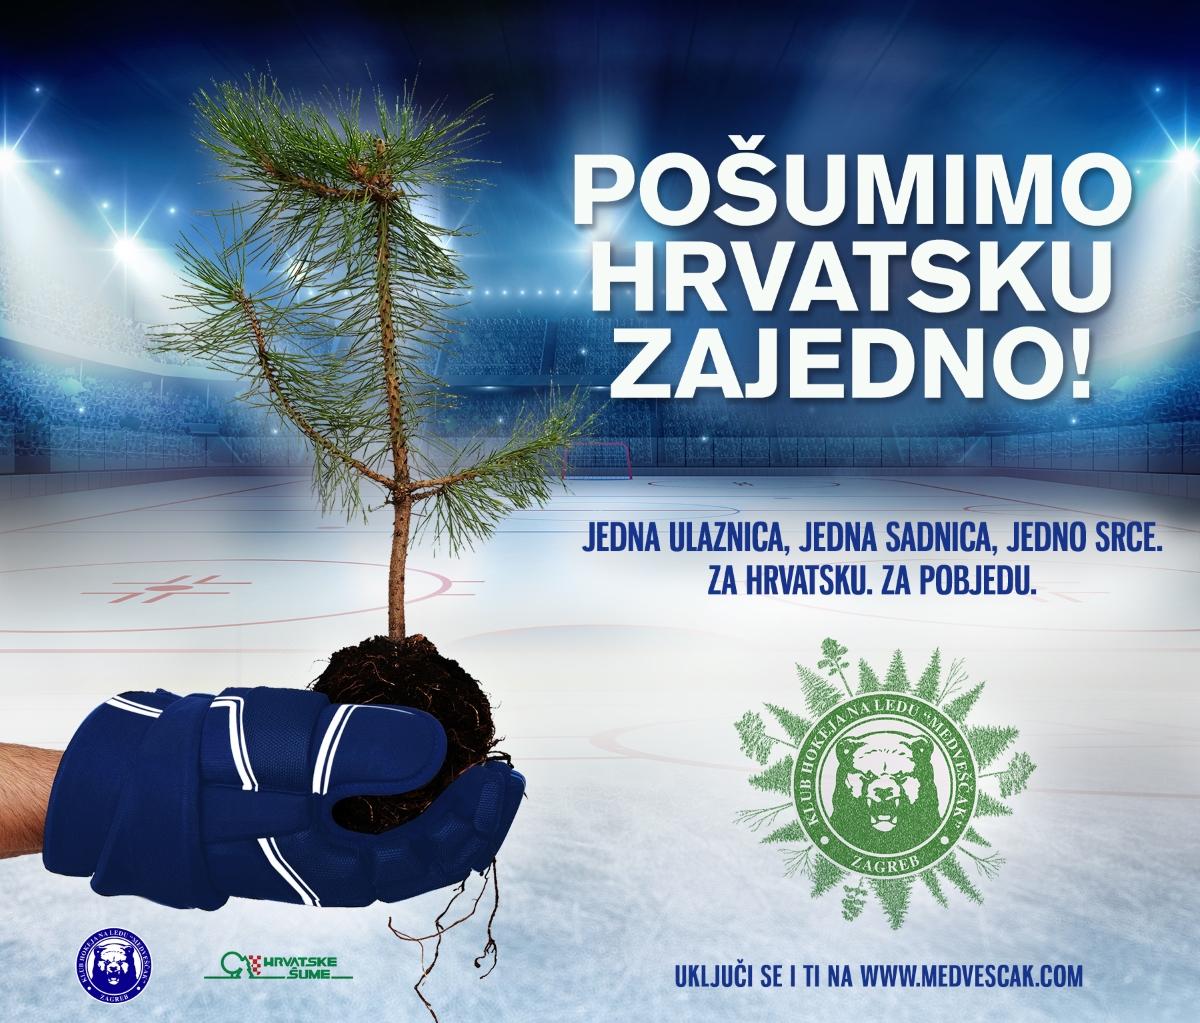 POŠUMIMO HRVATSKU ZAJEDNO Hokejaši Medveščaka doniraju sadnice za opožarena područja Grad Splita